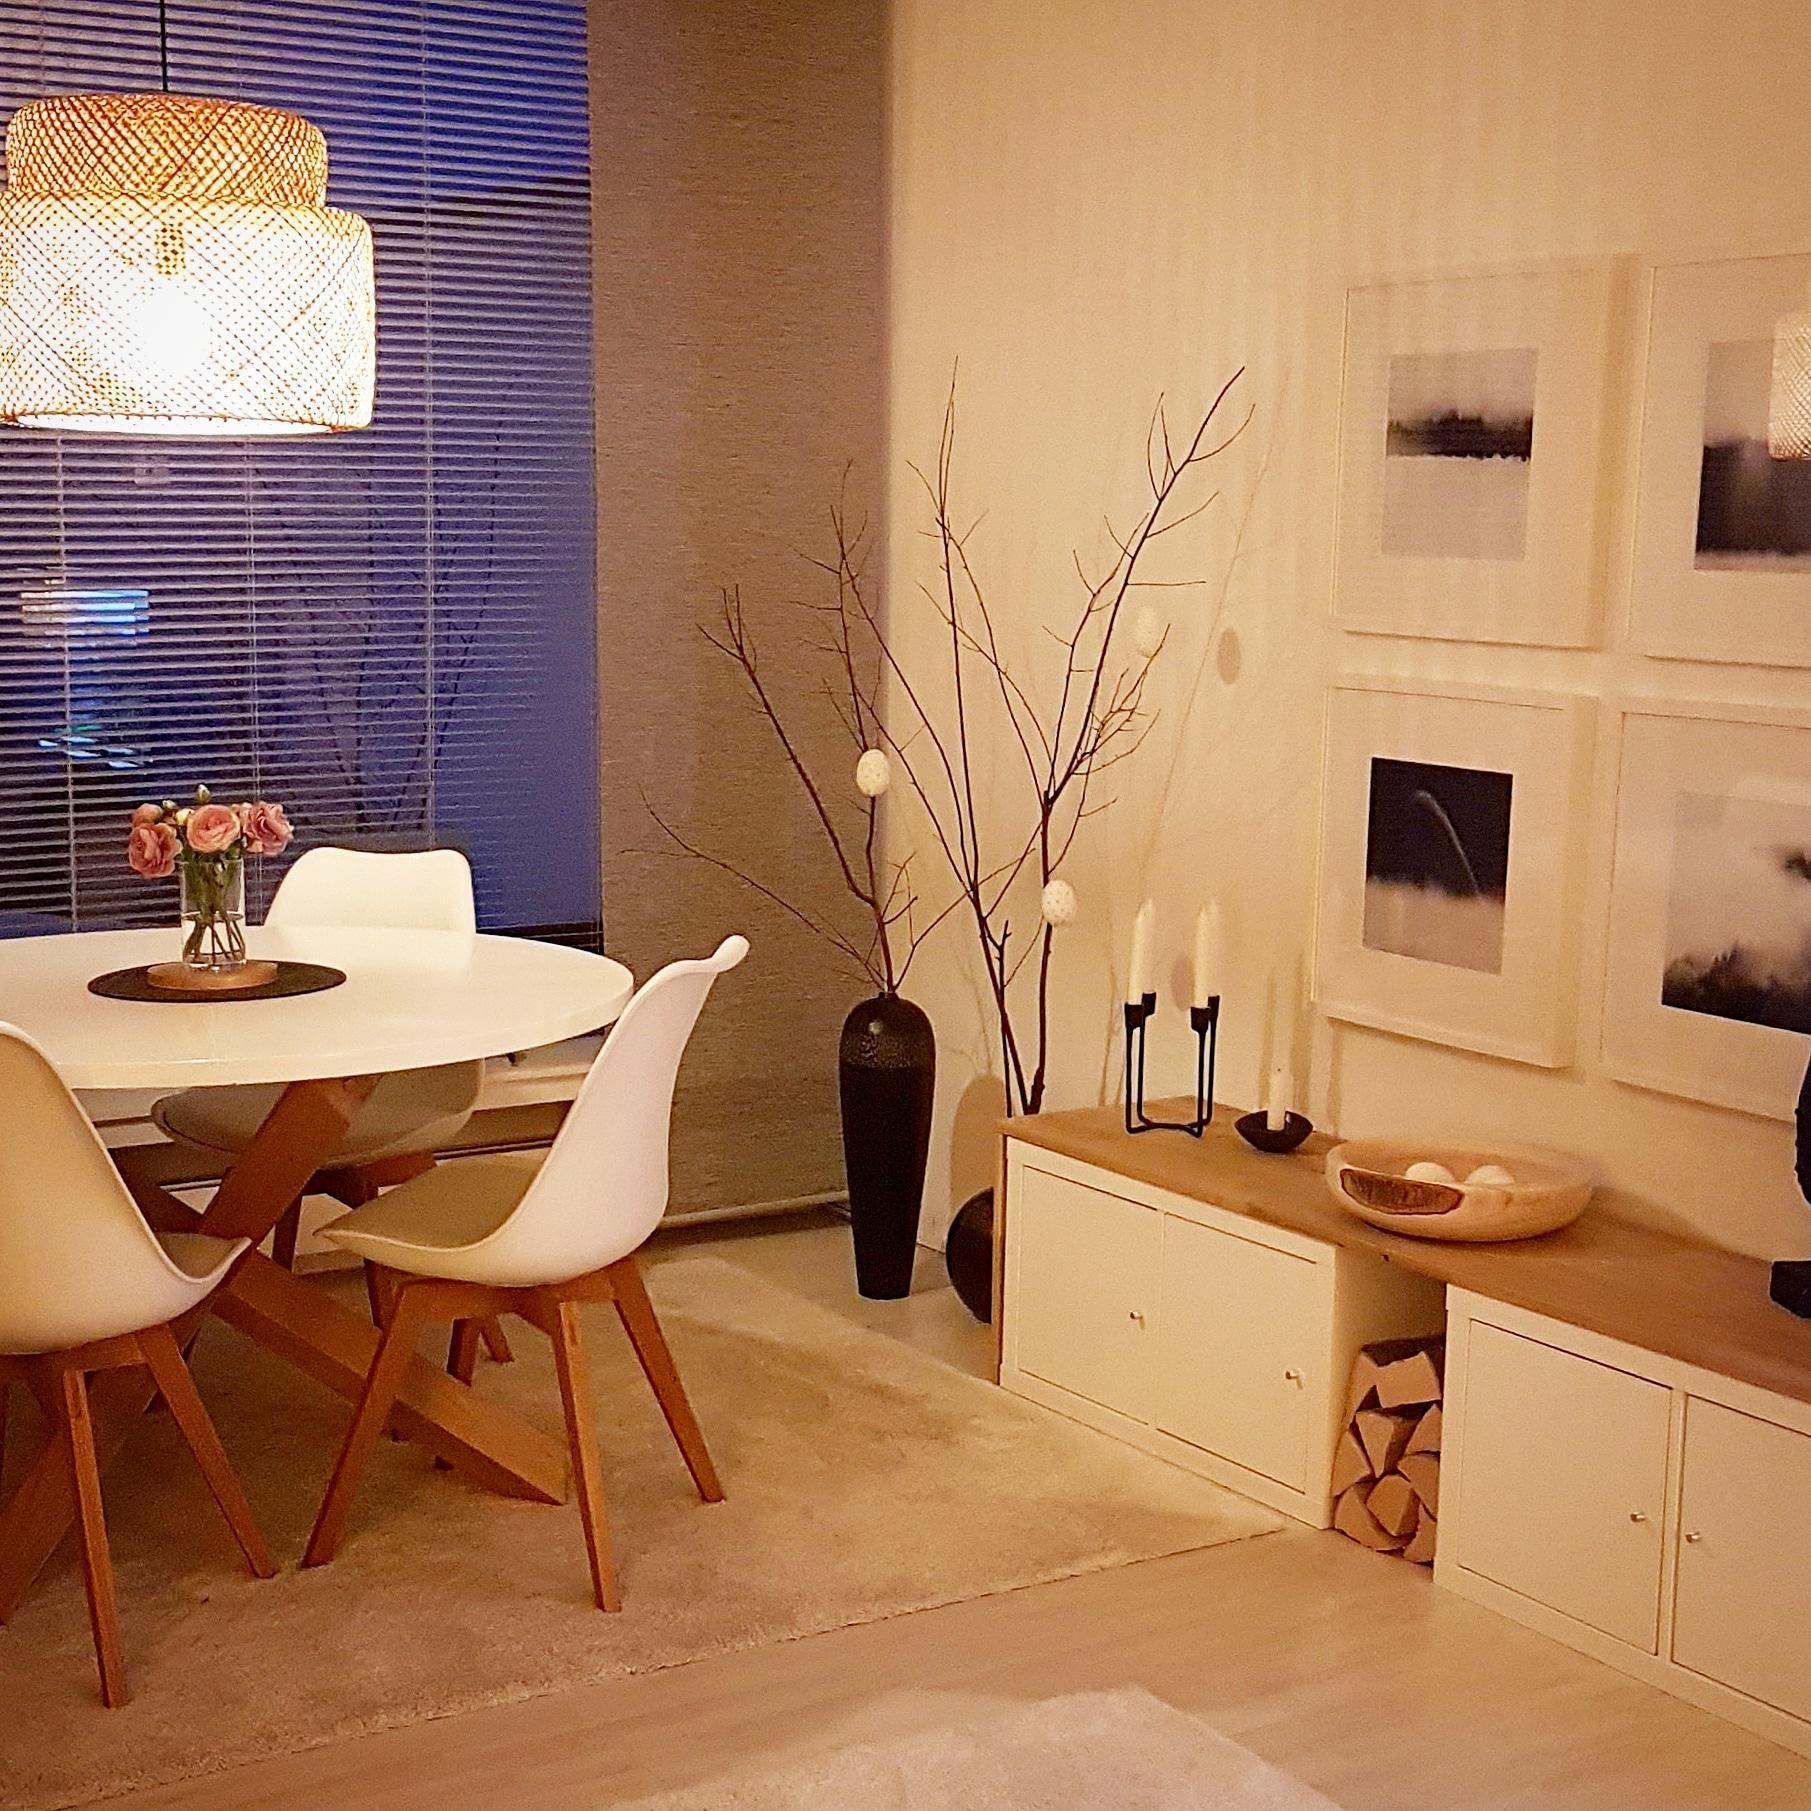 Full Size of Wohnzimmer Lampe Ikea Lampen Decke Leuchten Stehend Von Scandystyle Esszimmer Wo Deckenlampen Hängelampe Bad Led Schlafzimmer Wandlampe Bilder Xxl Fototapete Wohnzimmer Wohnzimmer Lampe Ikea